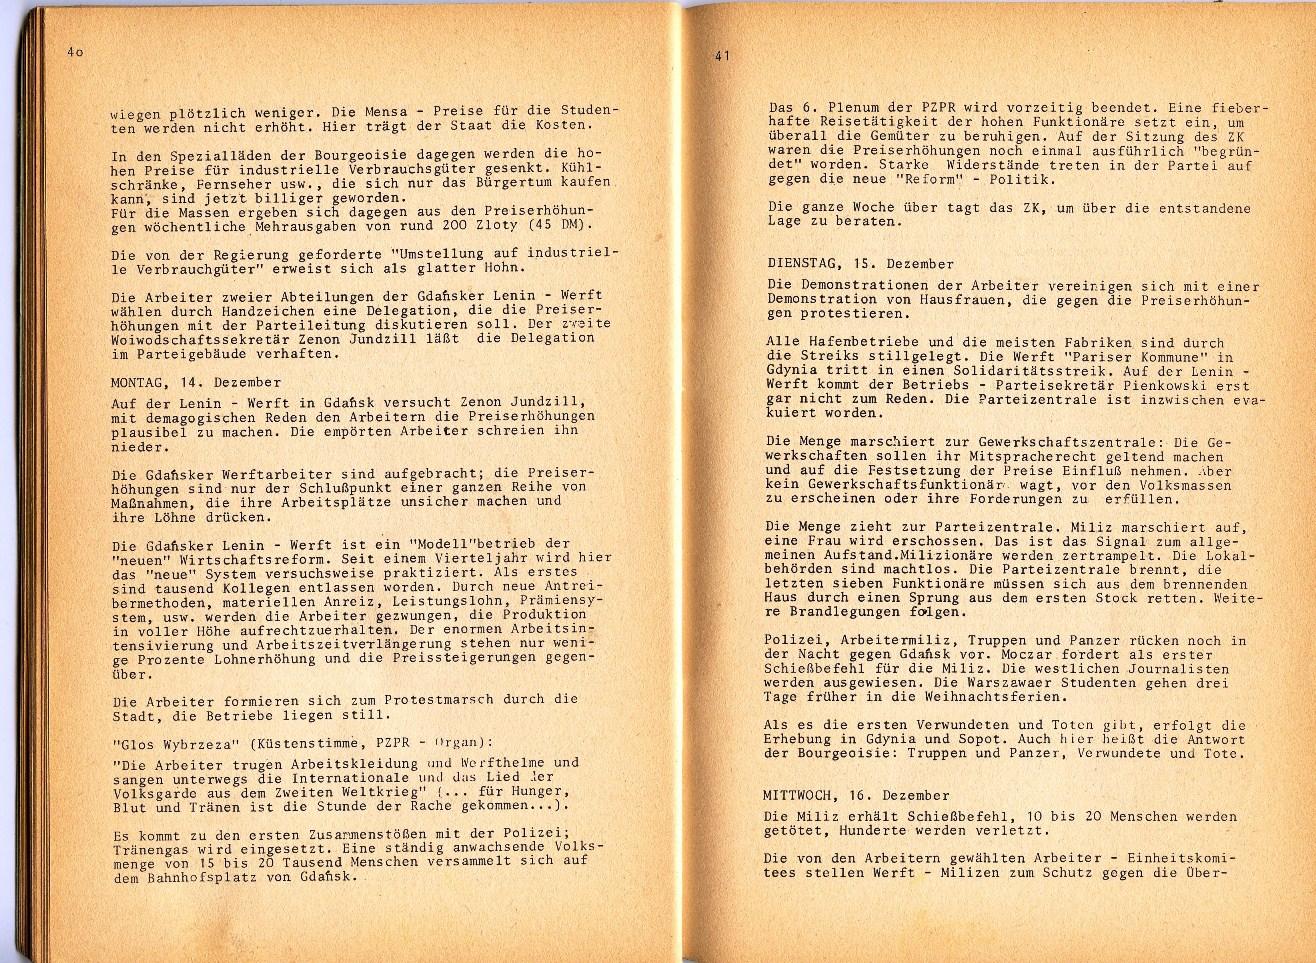 ZB_Polen_Aufstand_1971_24